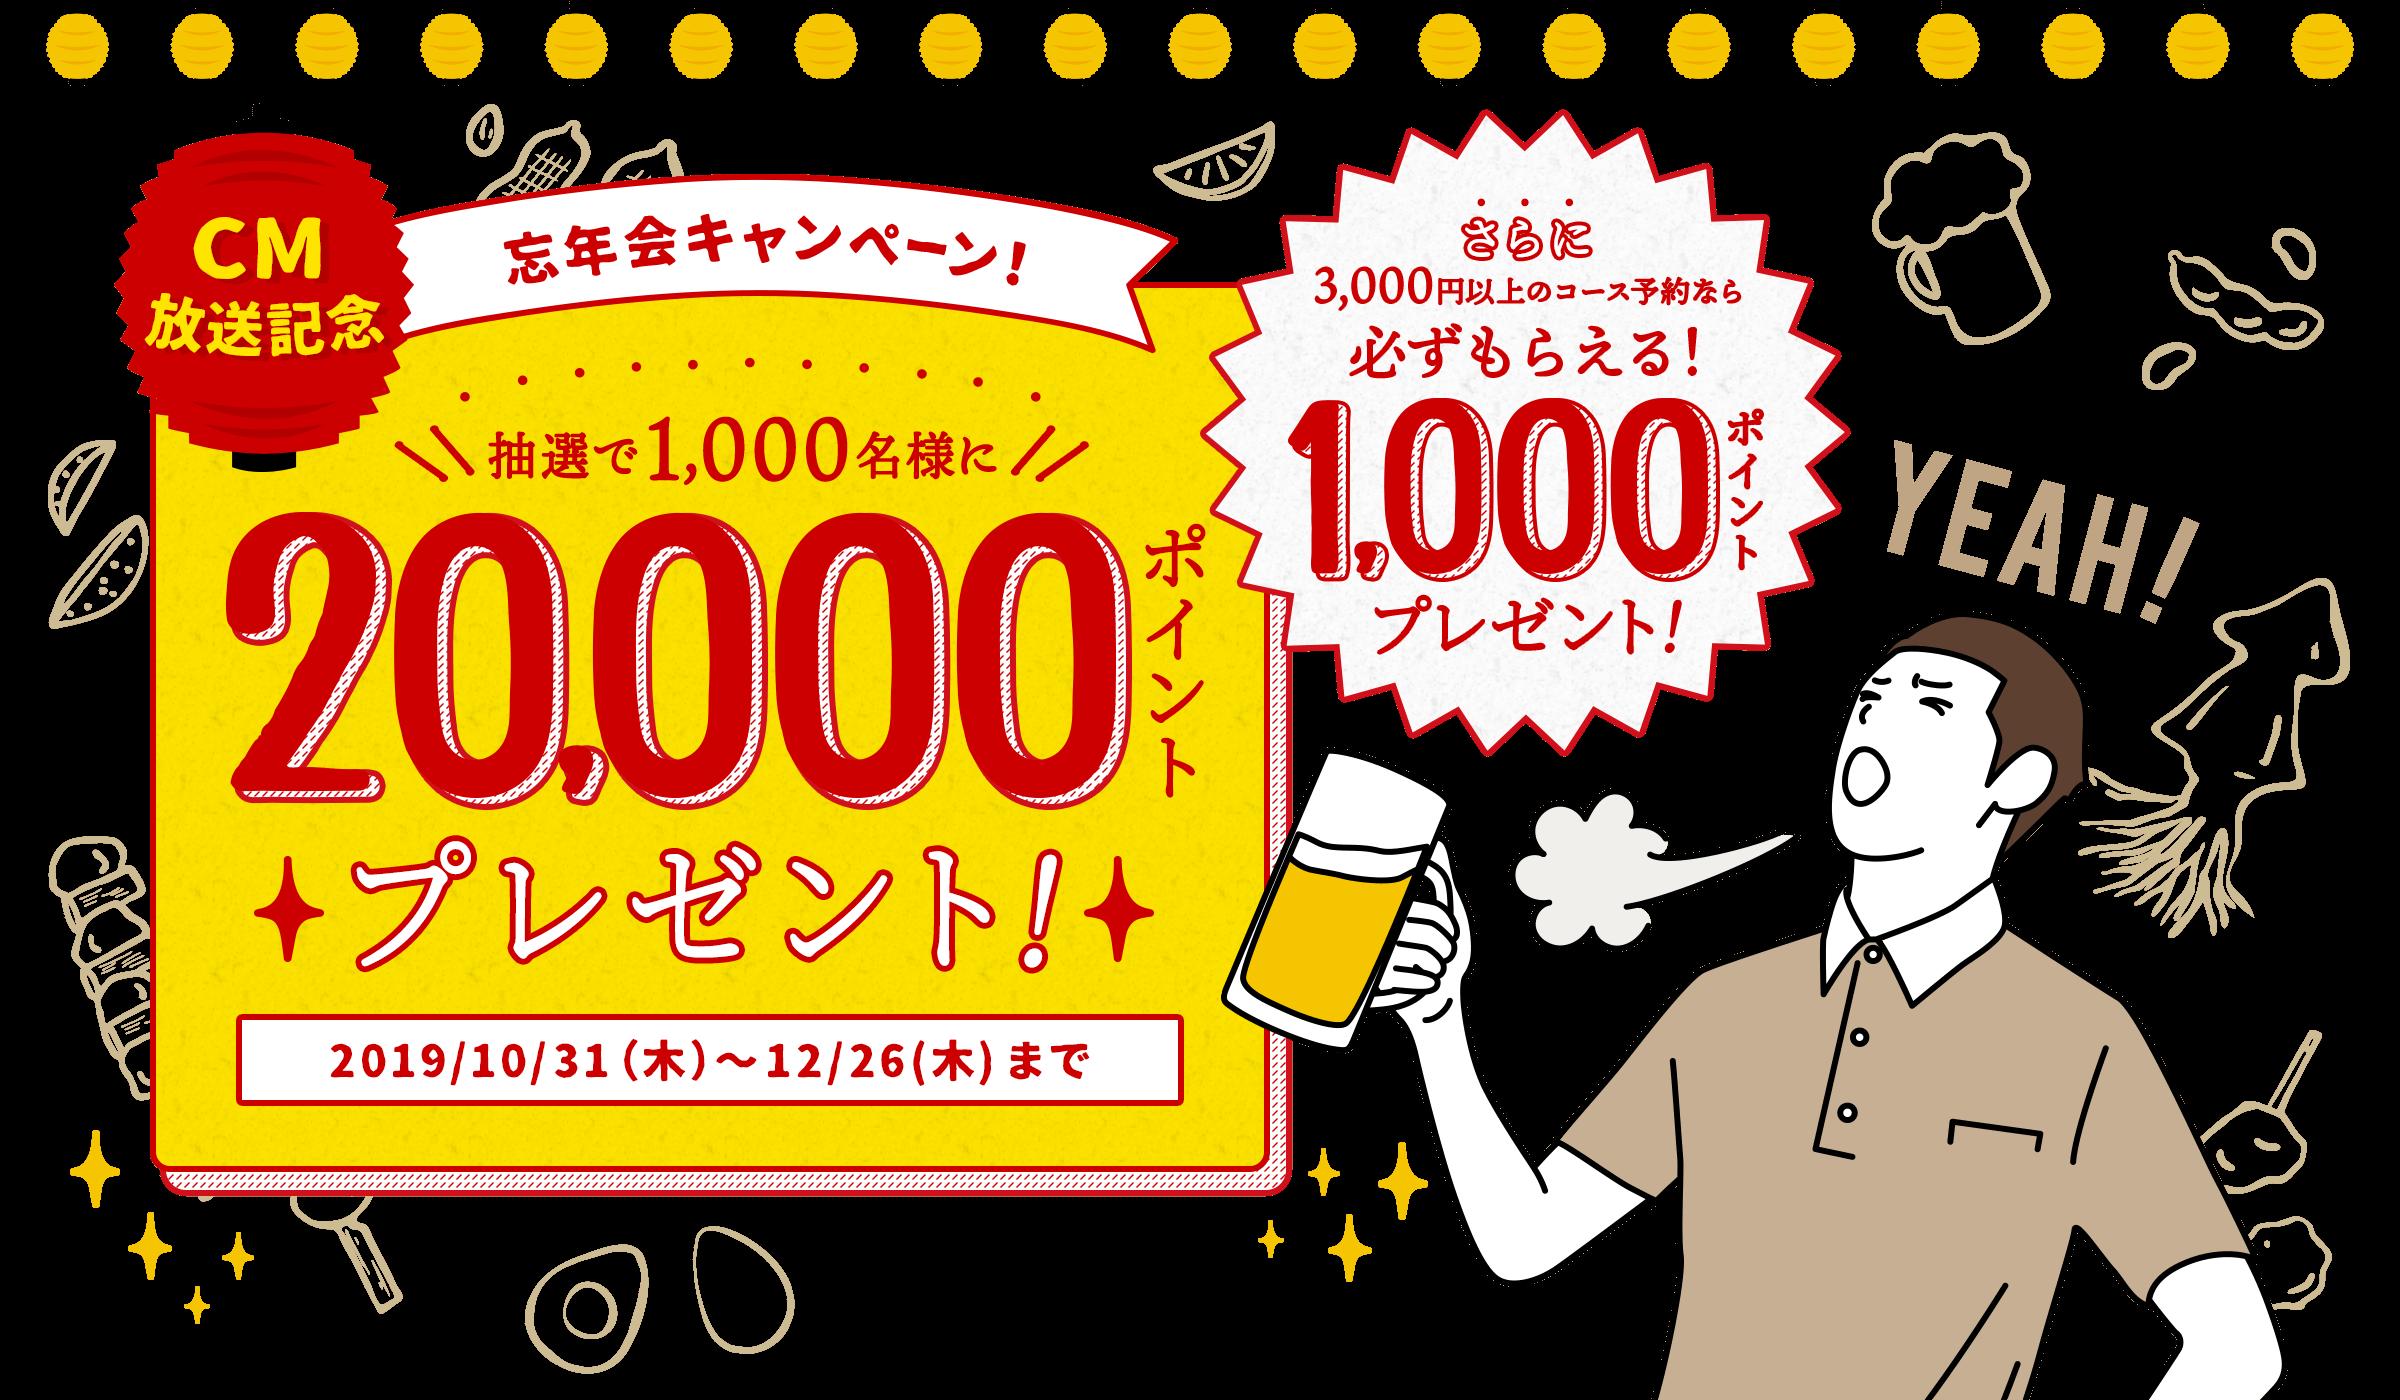 CM放送記念 忘年会キャンペーン! 抽選で1,000名様に20,000ポイントプレゼント! 2019/10/31(木)〜12/26(木)まで さらに3,000円以上のコース予約なら必ずもらえる!1,000ポイントプレゼント!